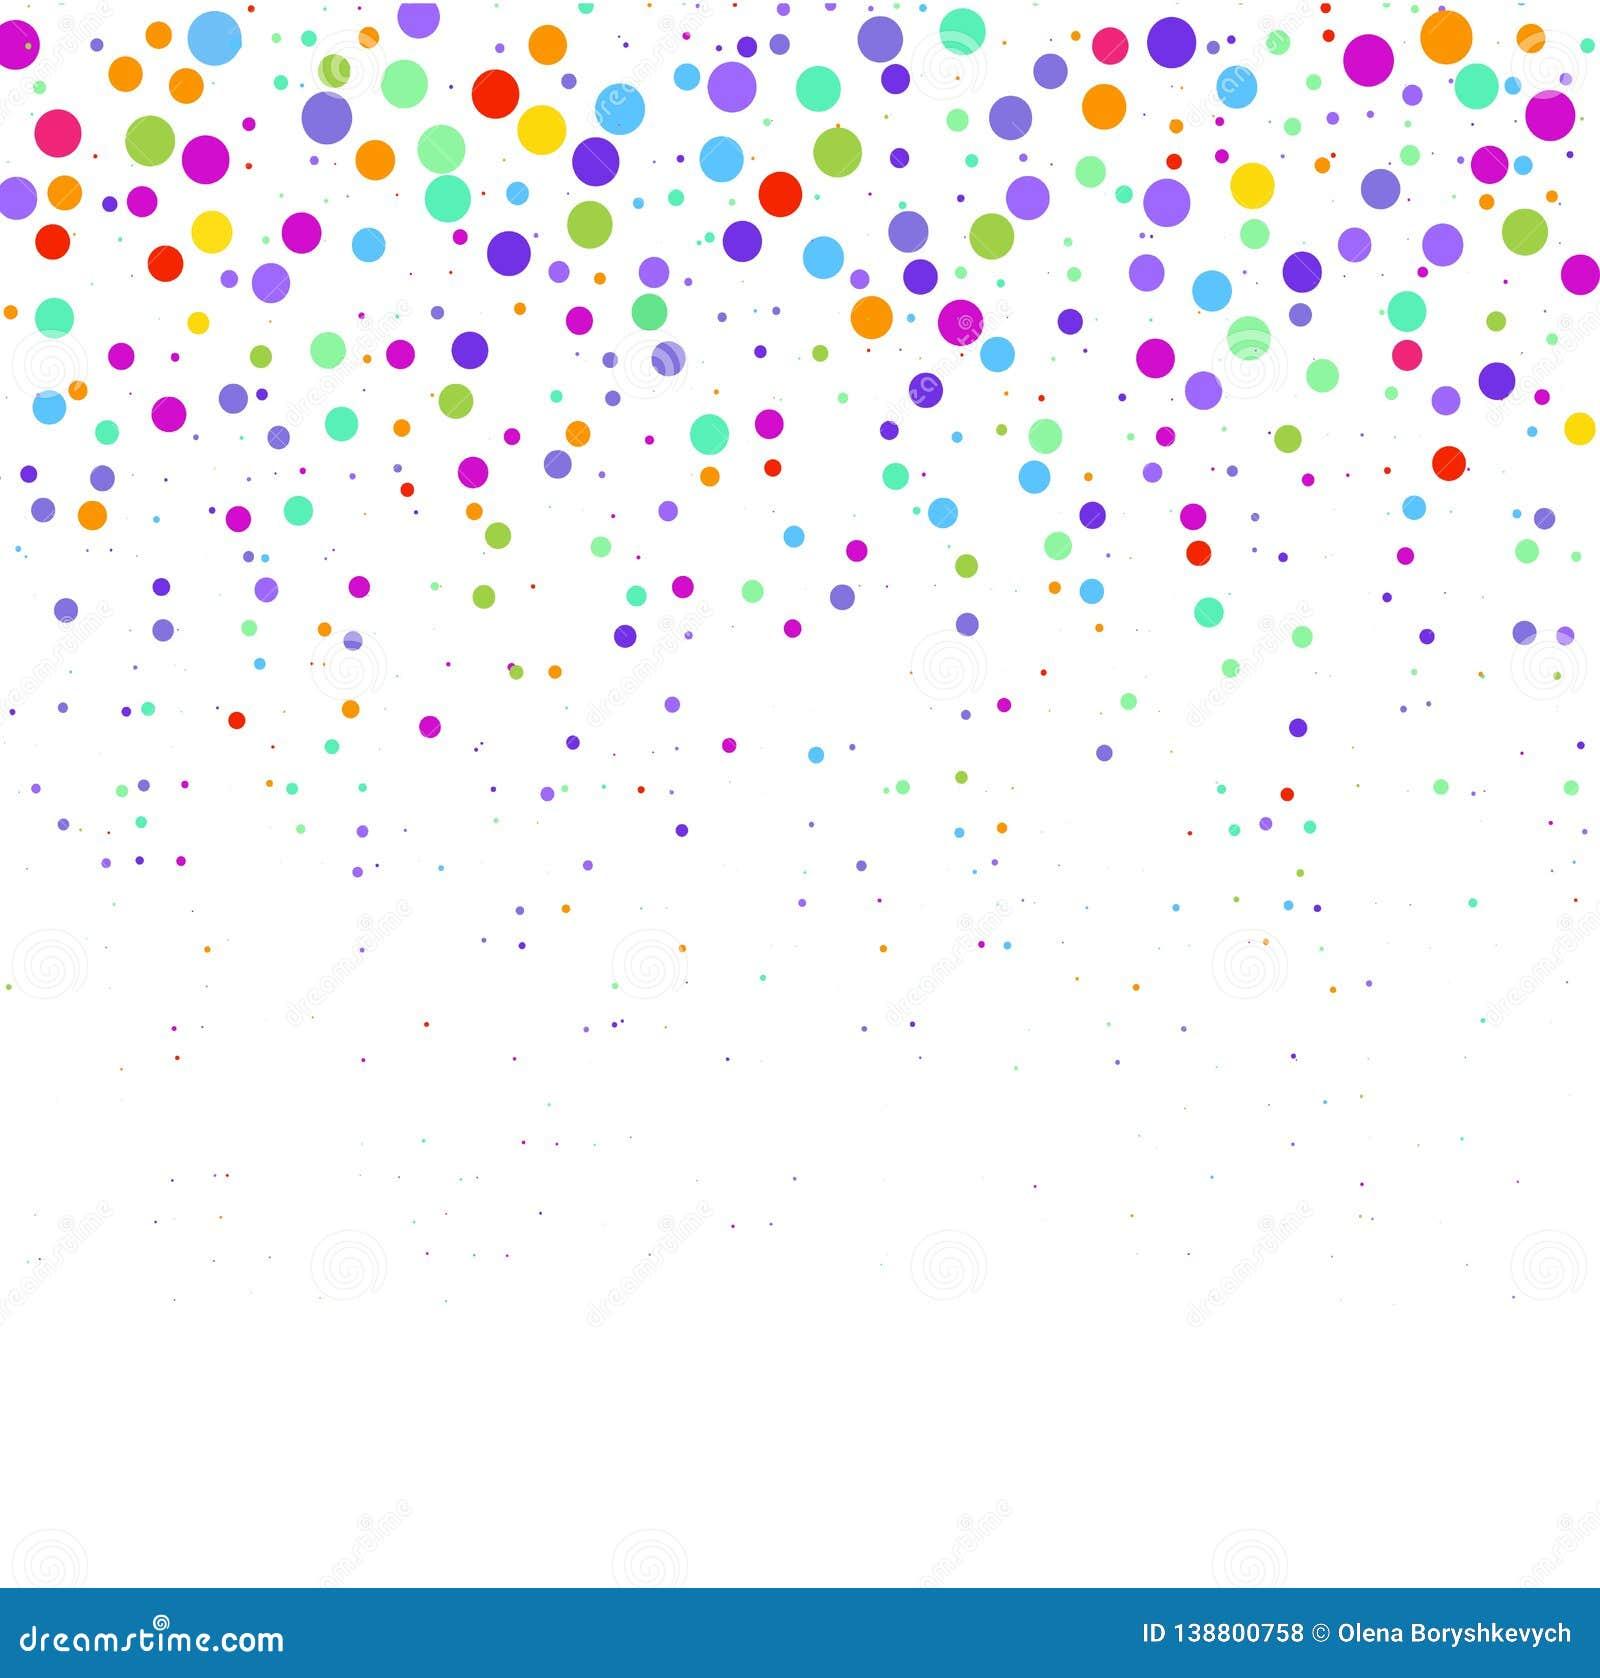 La composición de puntos multicolores en el fondo blanco